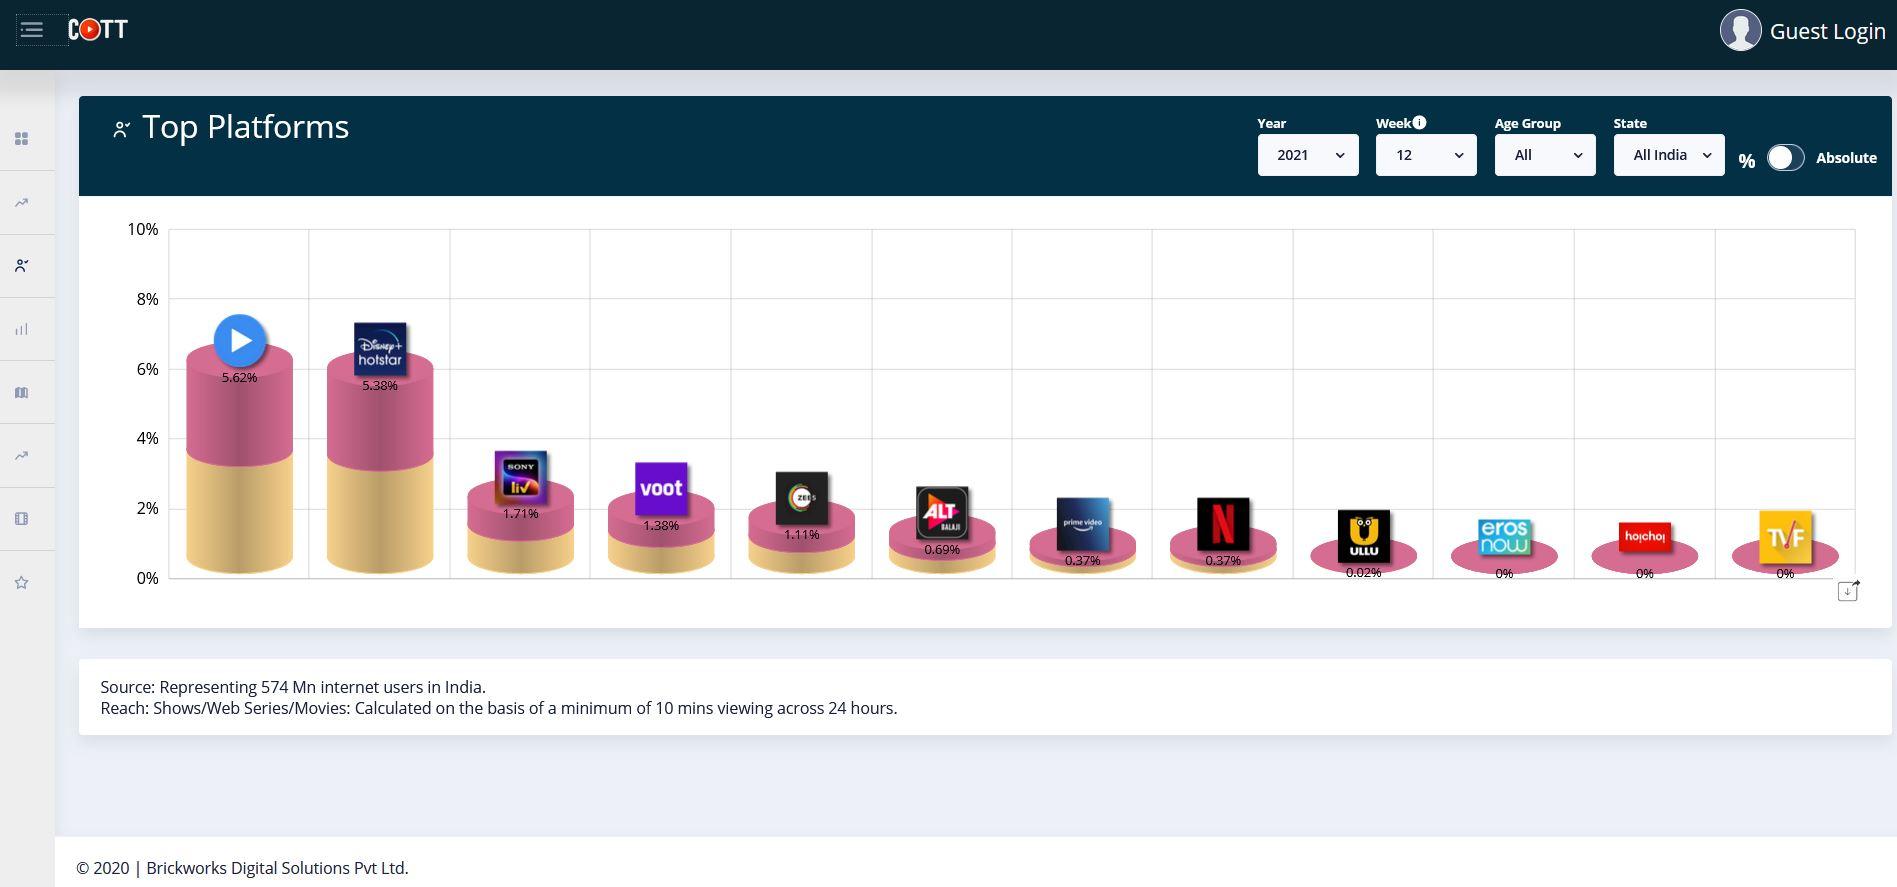 COTT-Week-12-Top-Platforms.jpg